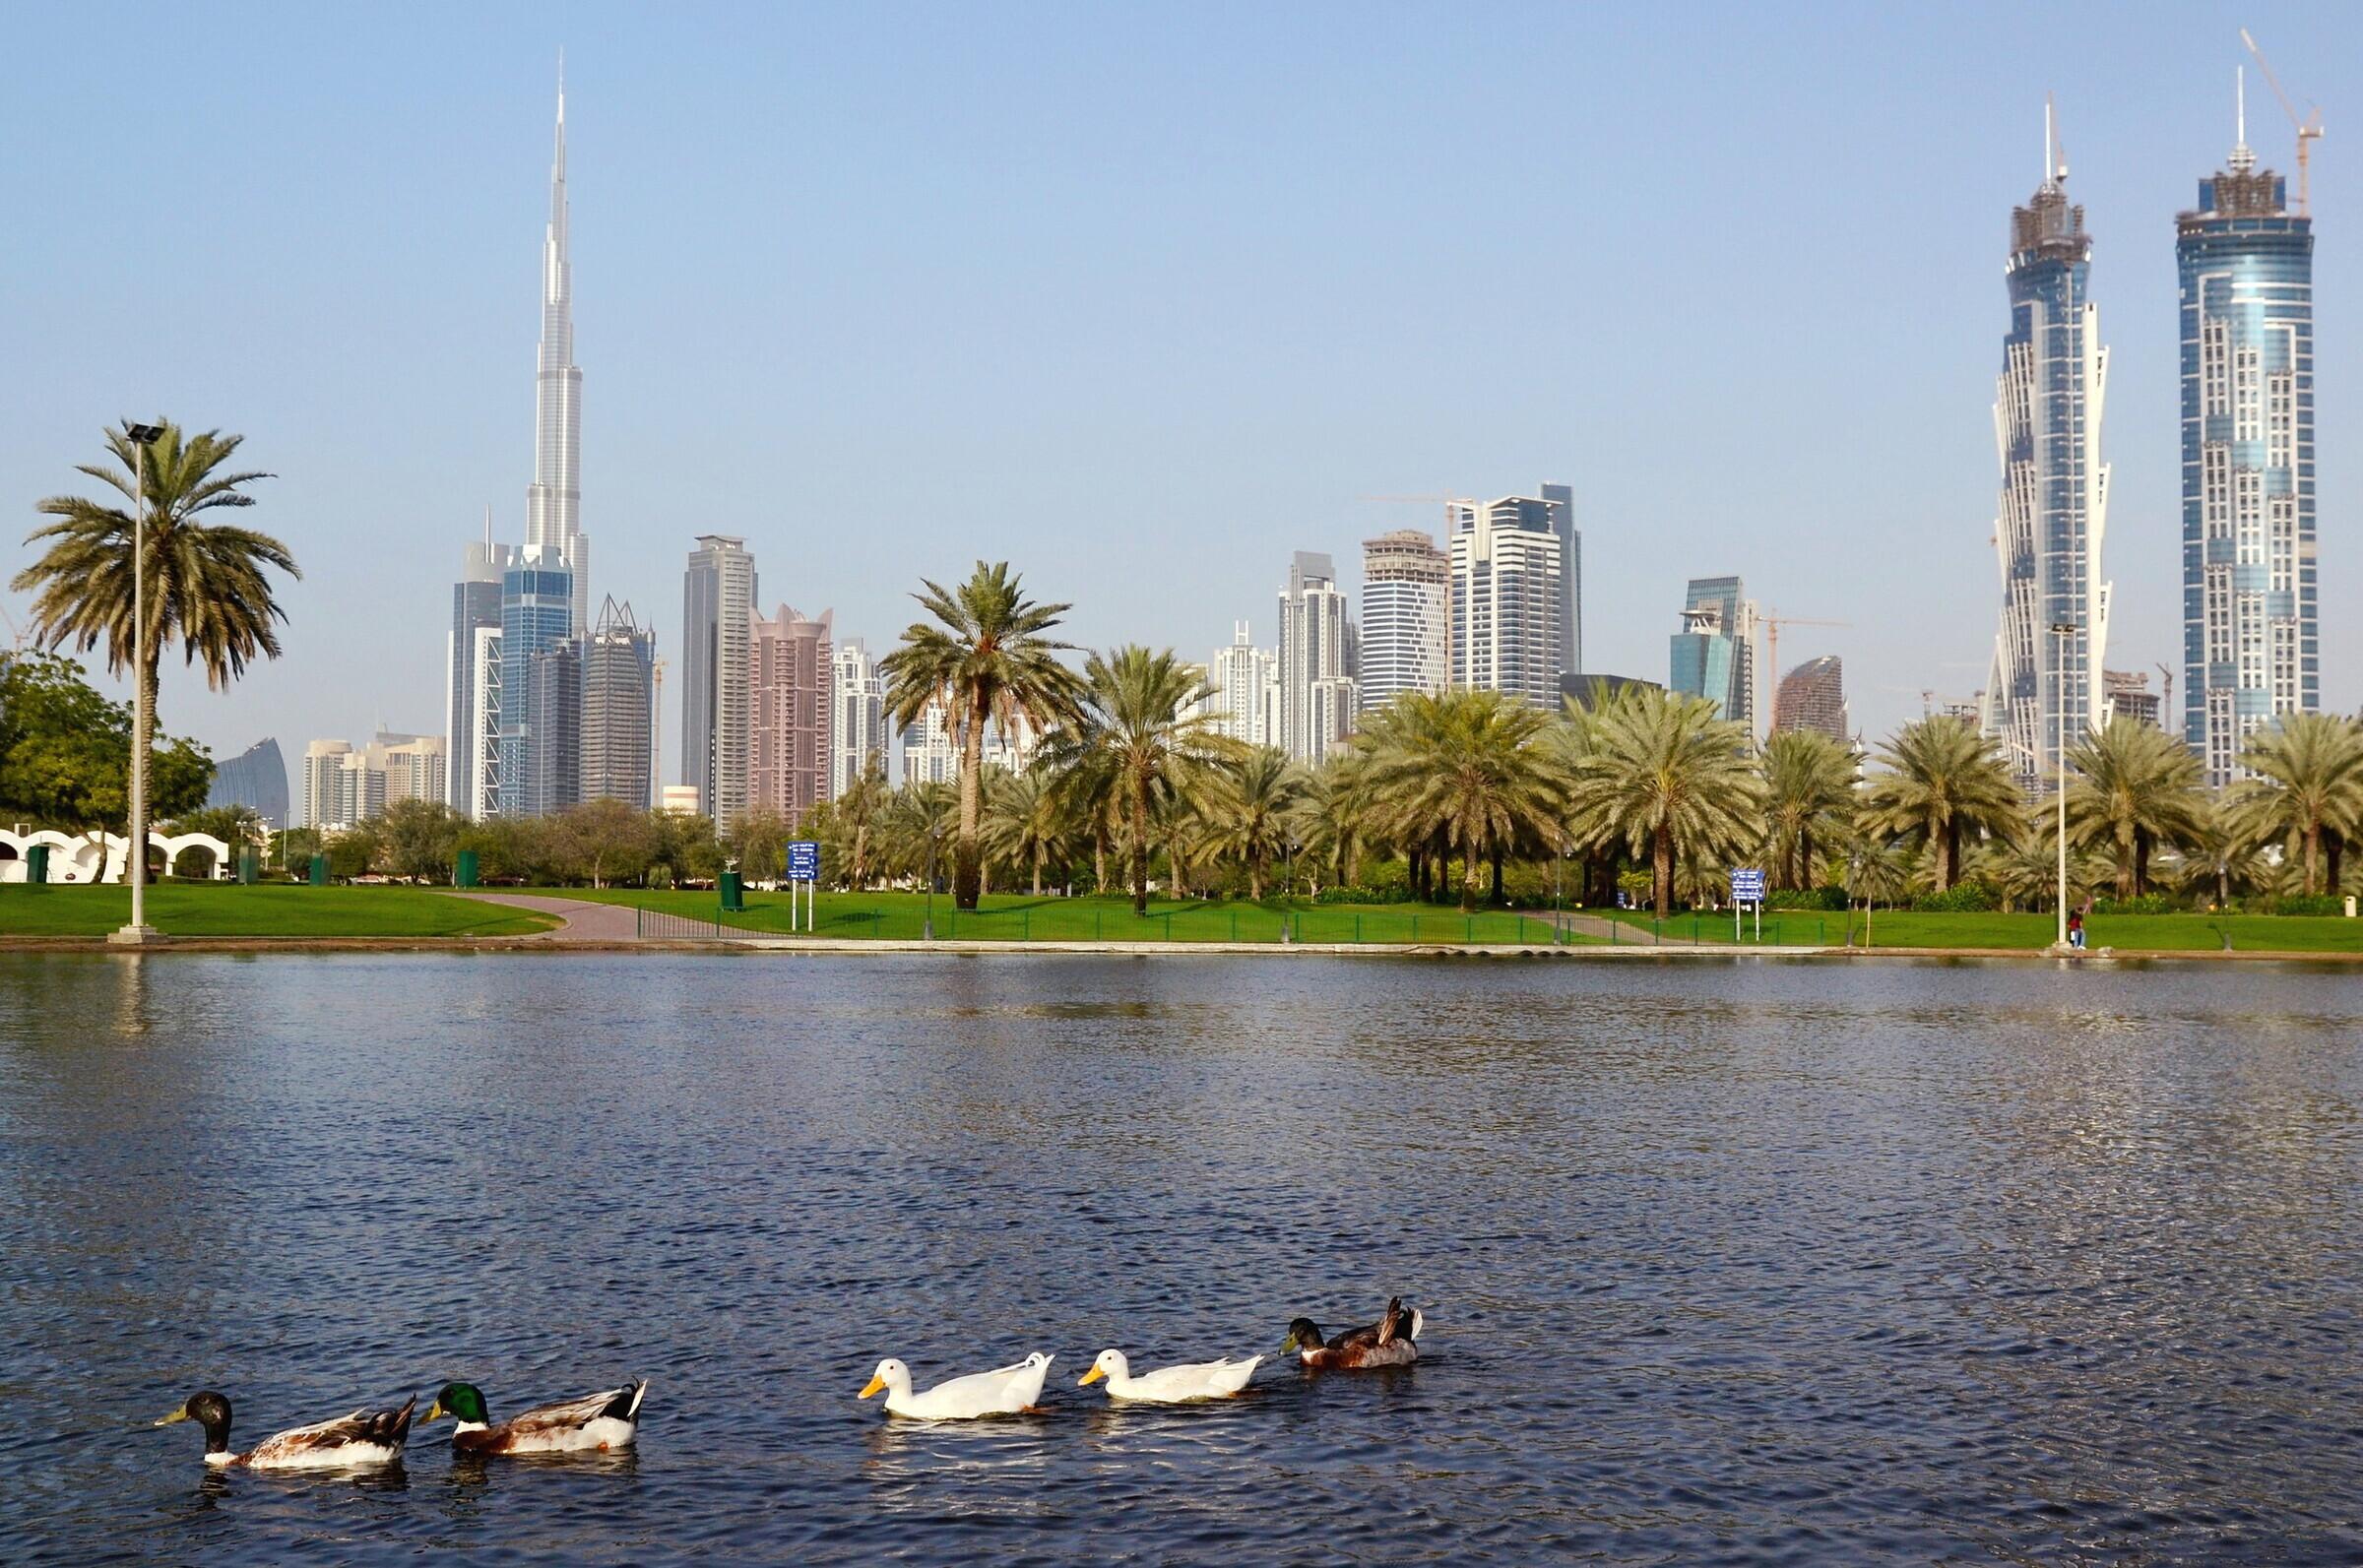 Дубай парк сафа когда откроют границы россии на выезд